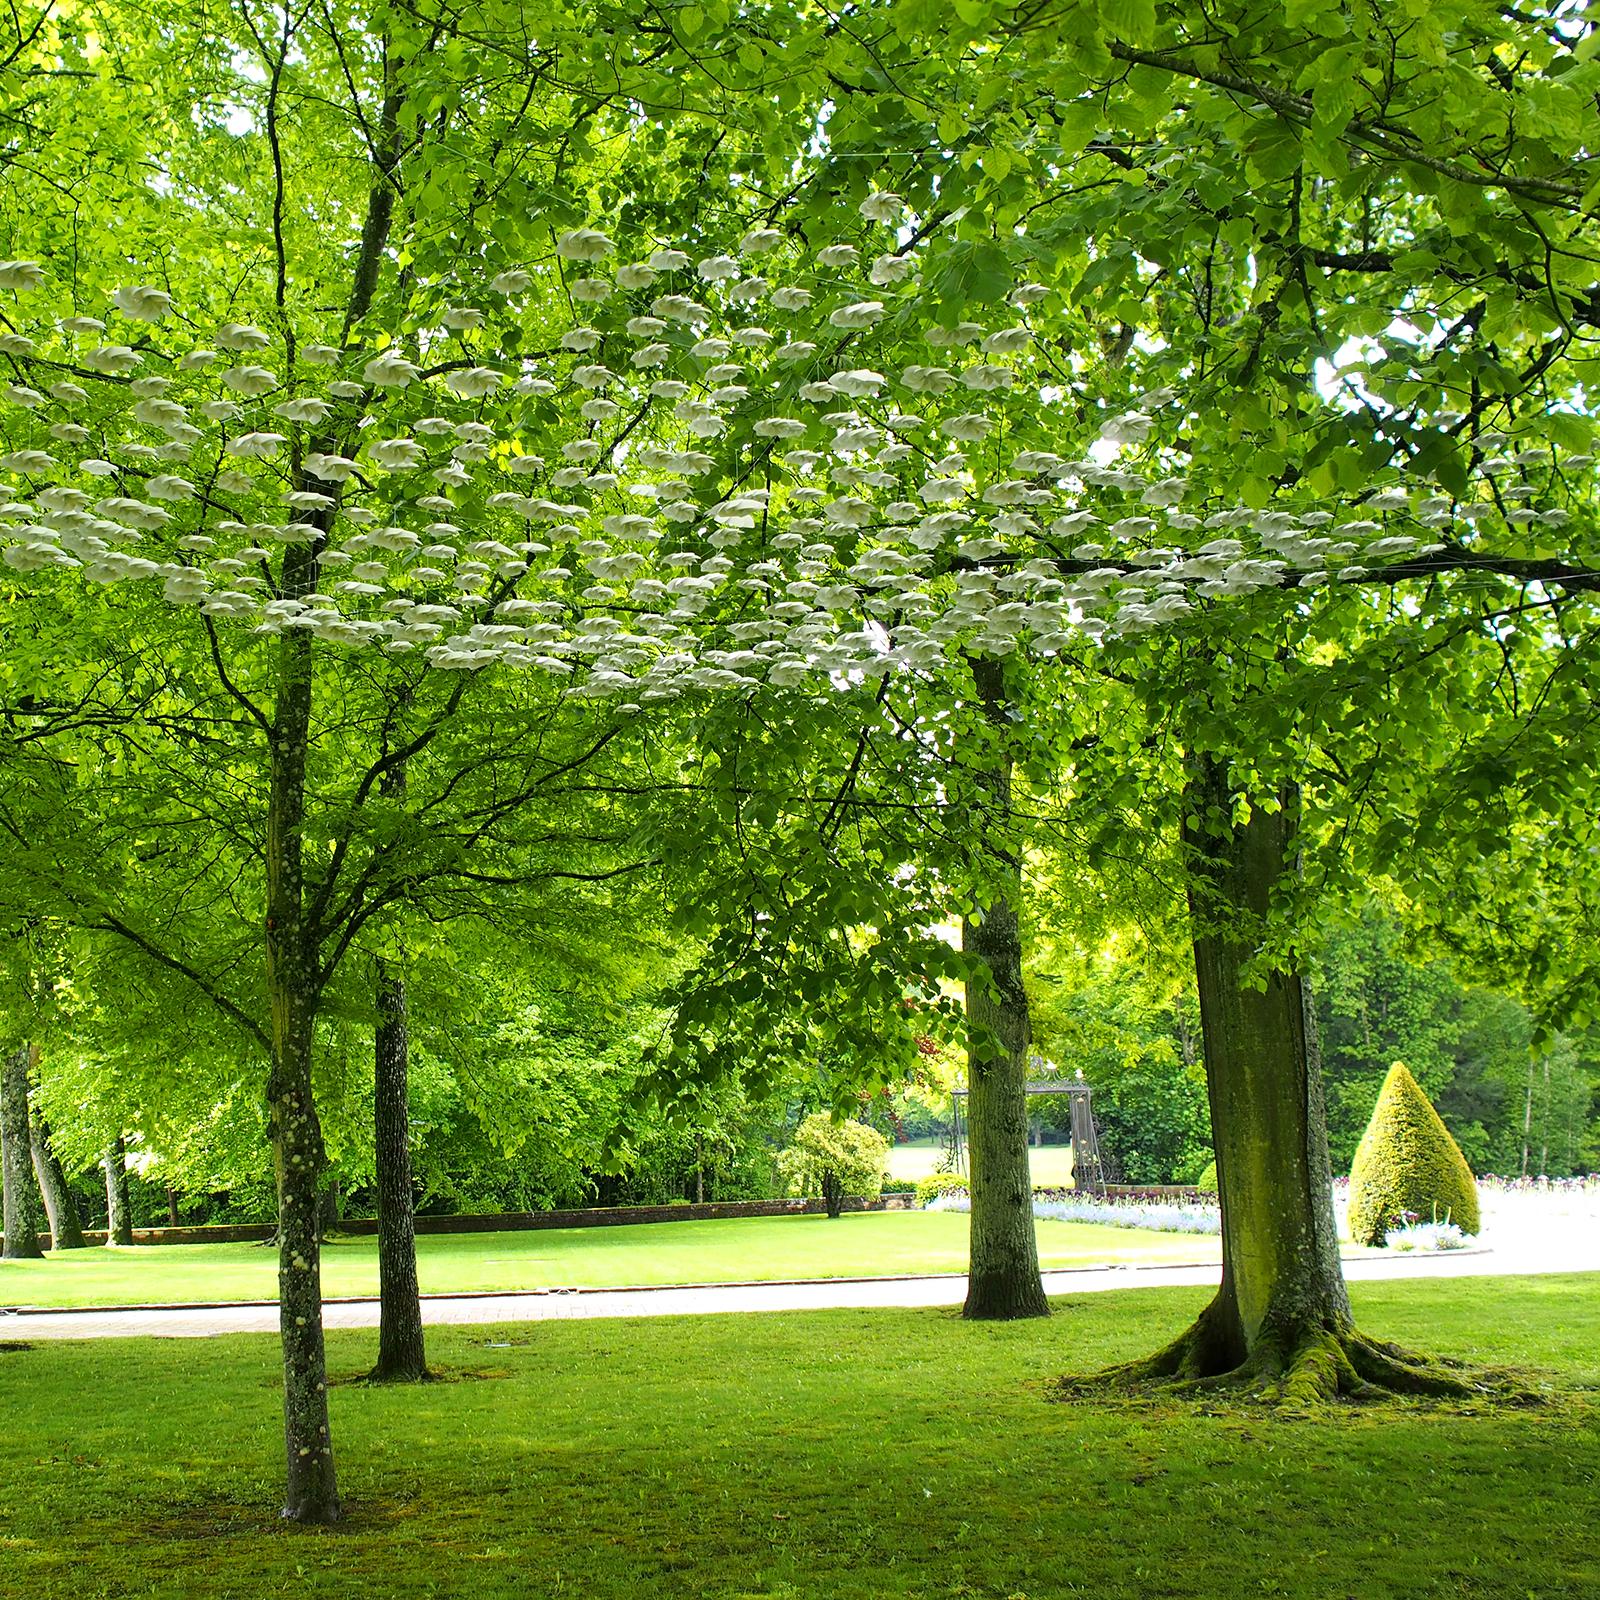 Installation composée de quatre cents hélice de papier minéral blanc suspendues sur un filet entre les ramures de quatre arbres